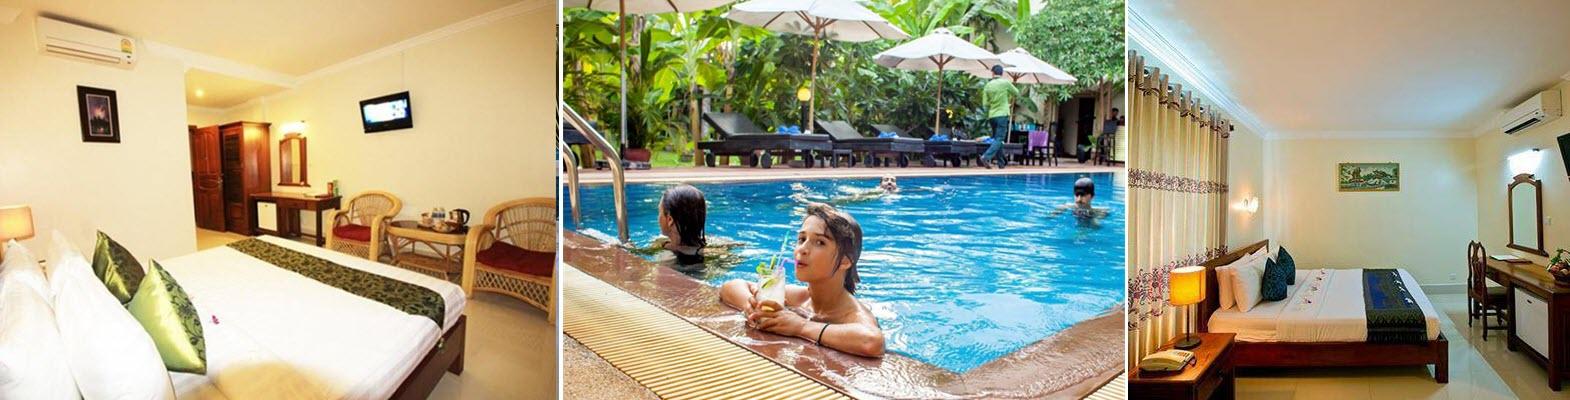 Отель в Камбодже 3*